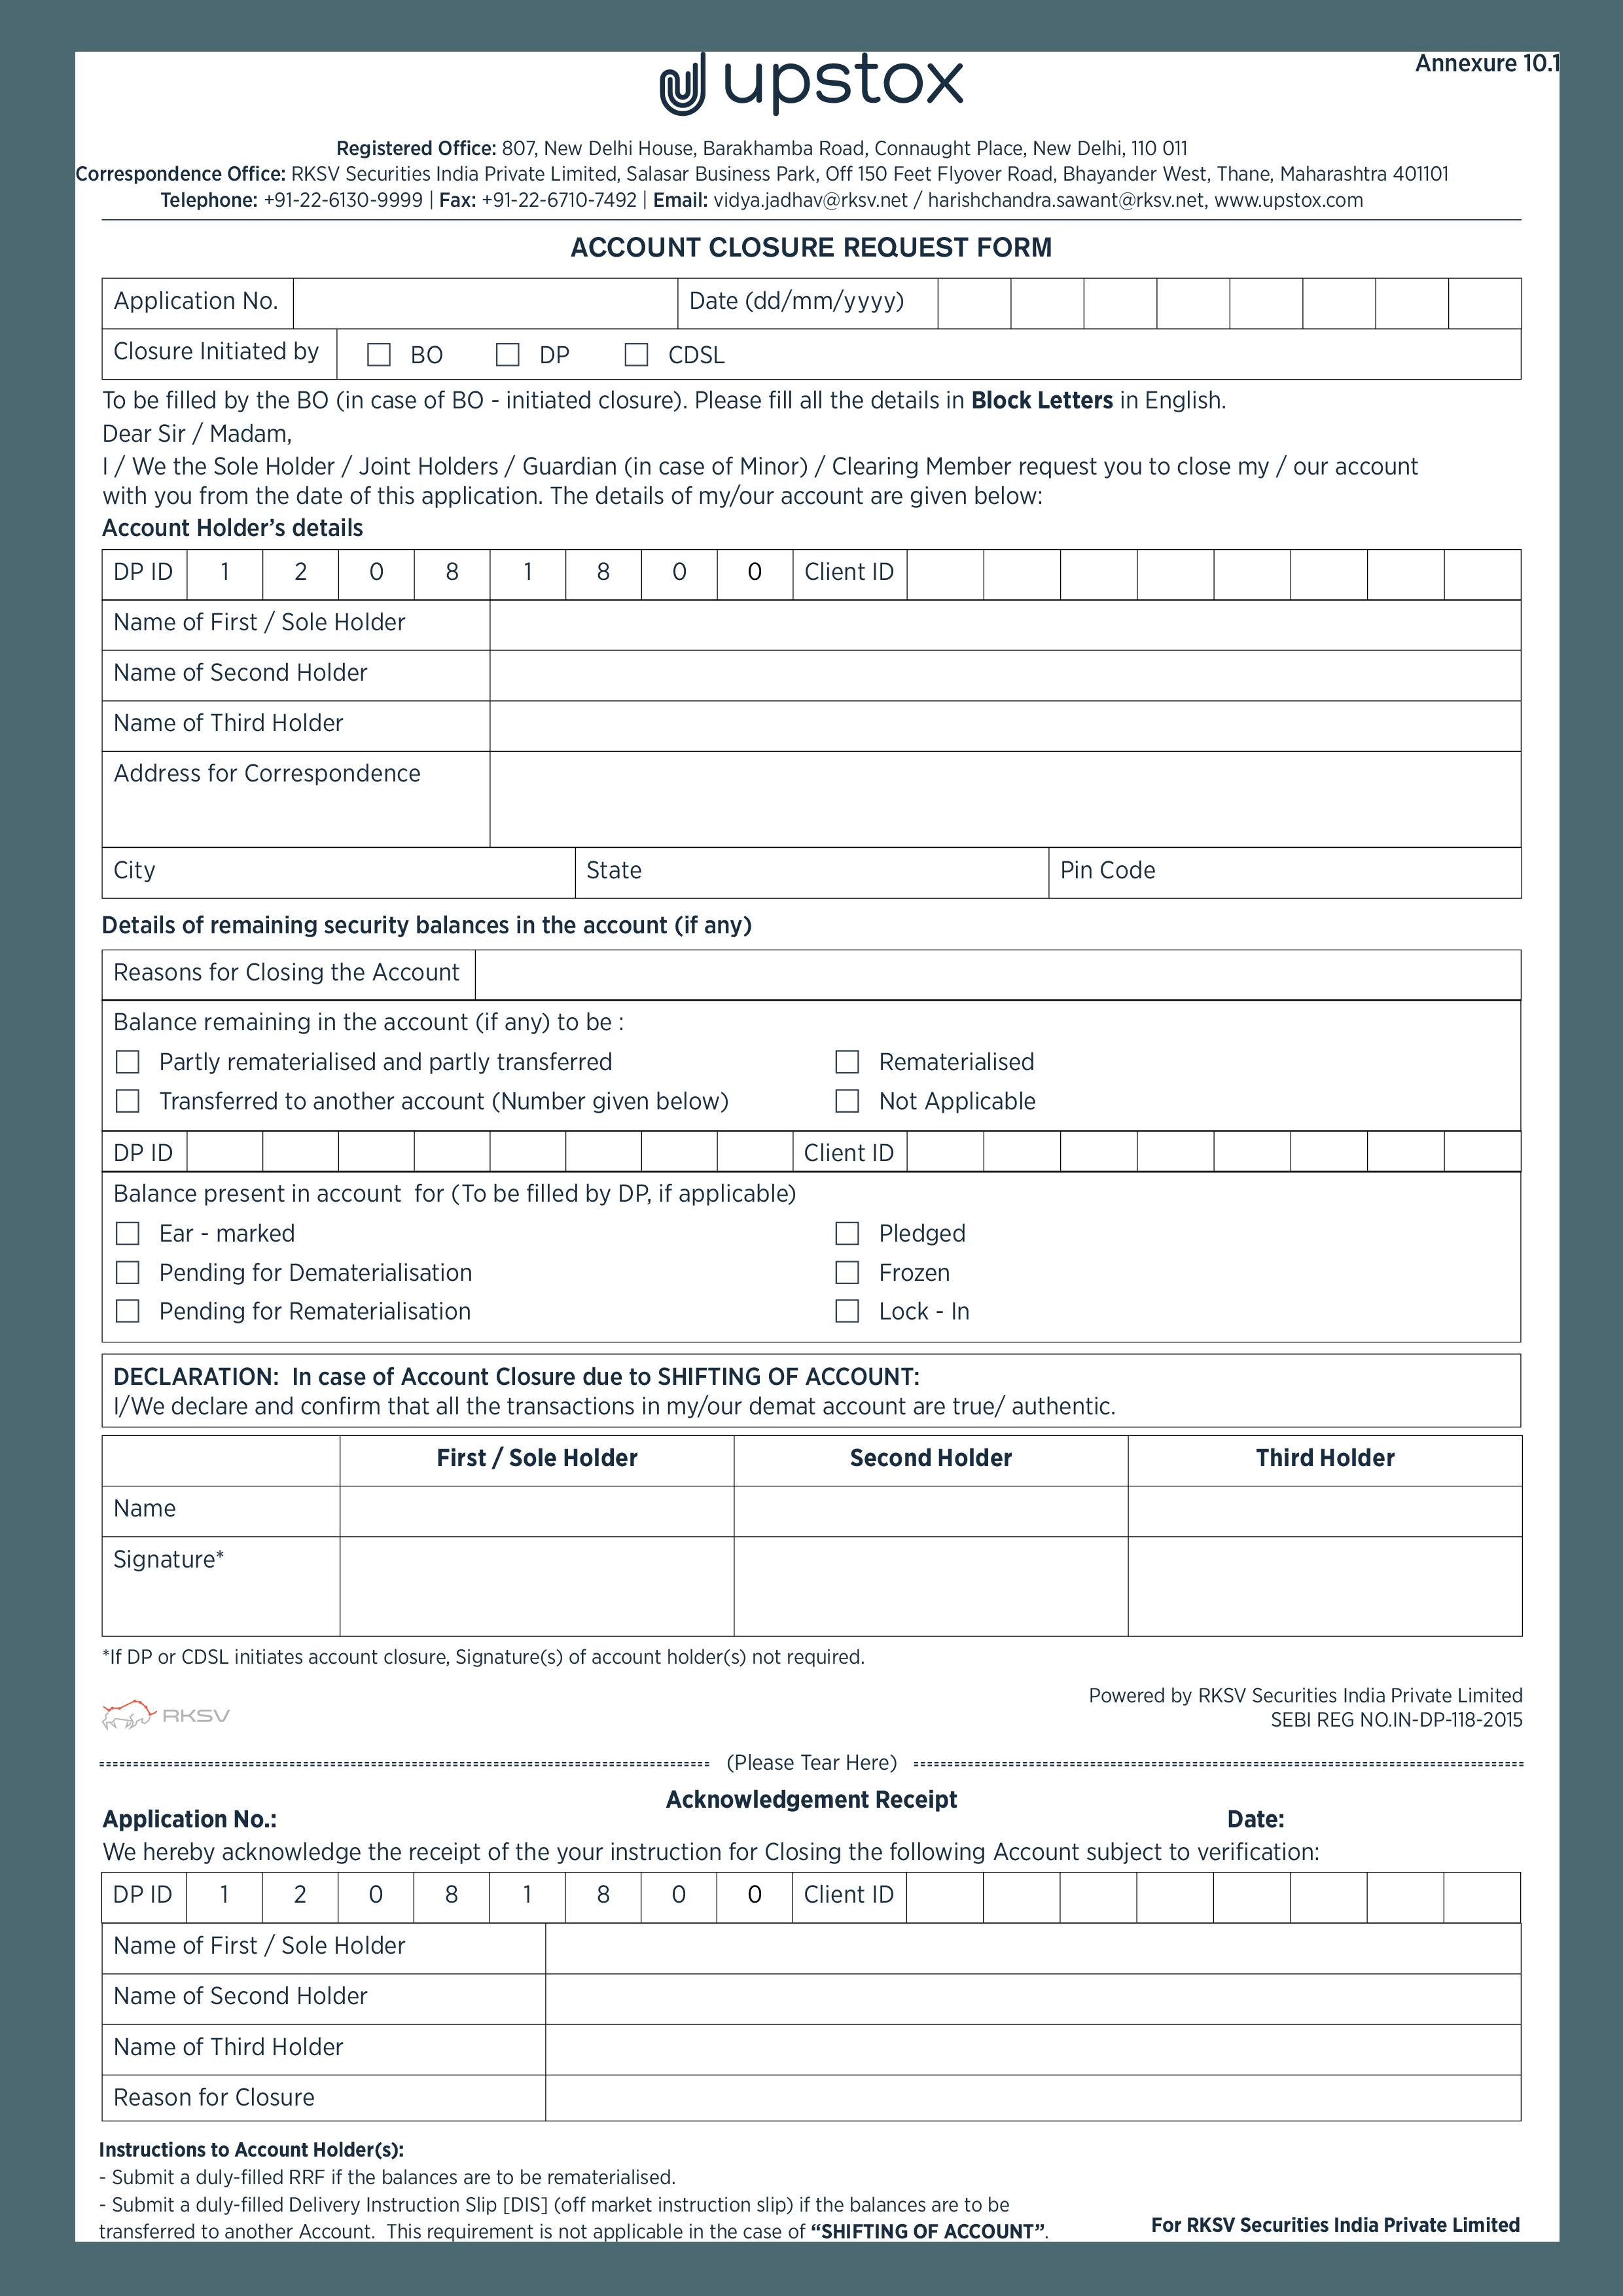 upstox account closure form